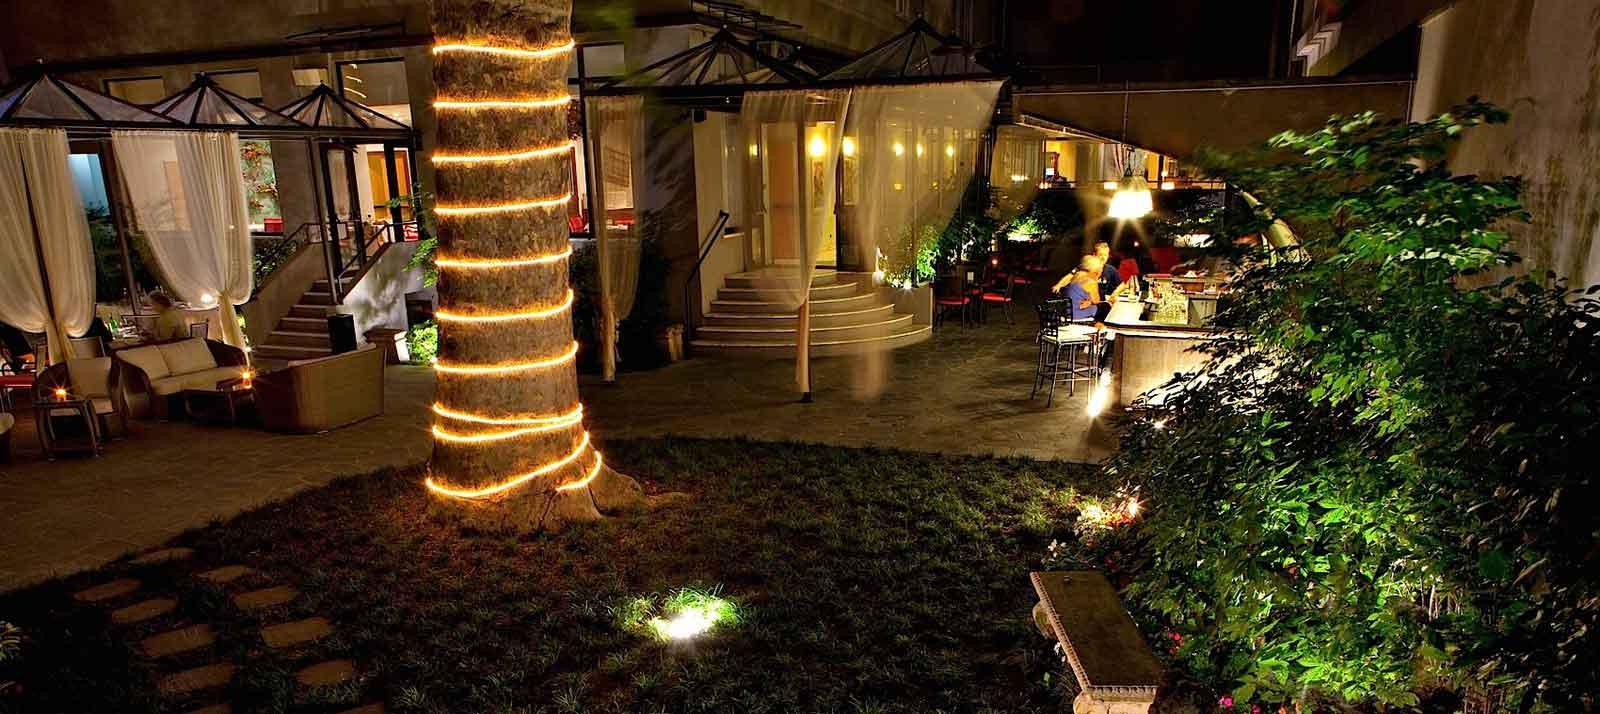 Milano 22 dehors mozzafiato per un aperitivo all 39 aperto for Hotel manin milano